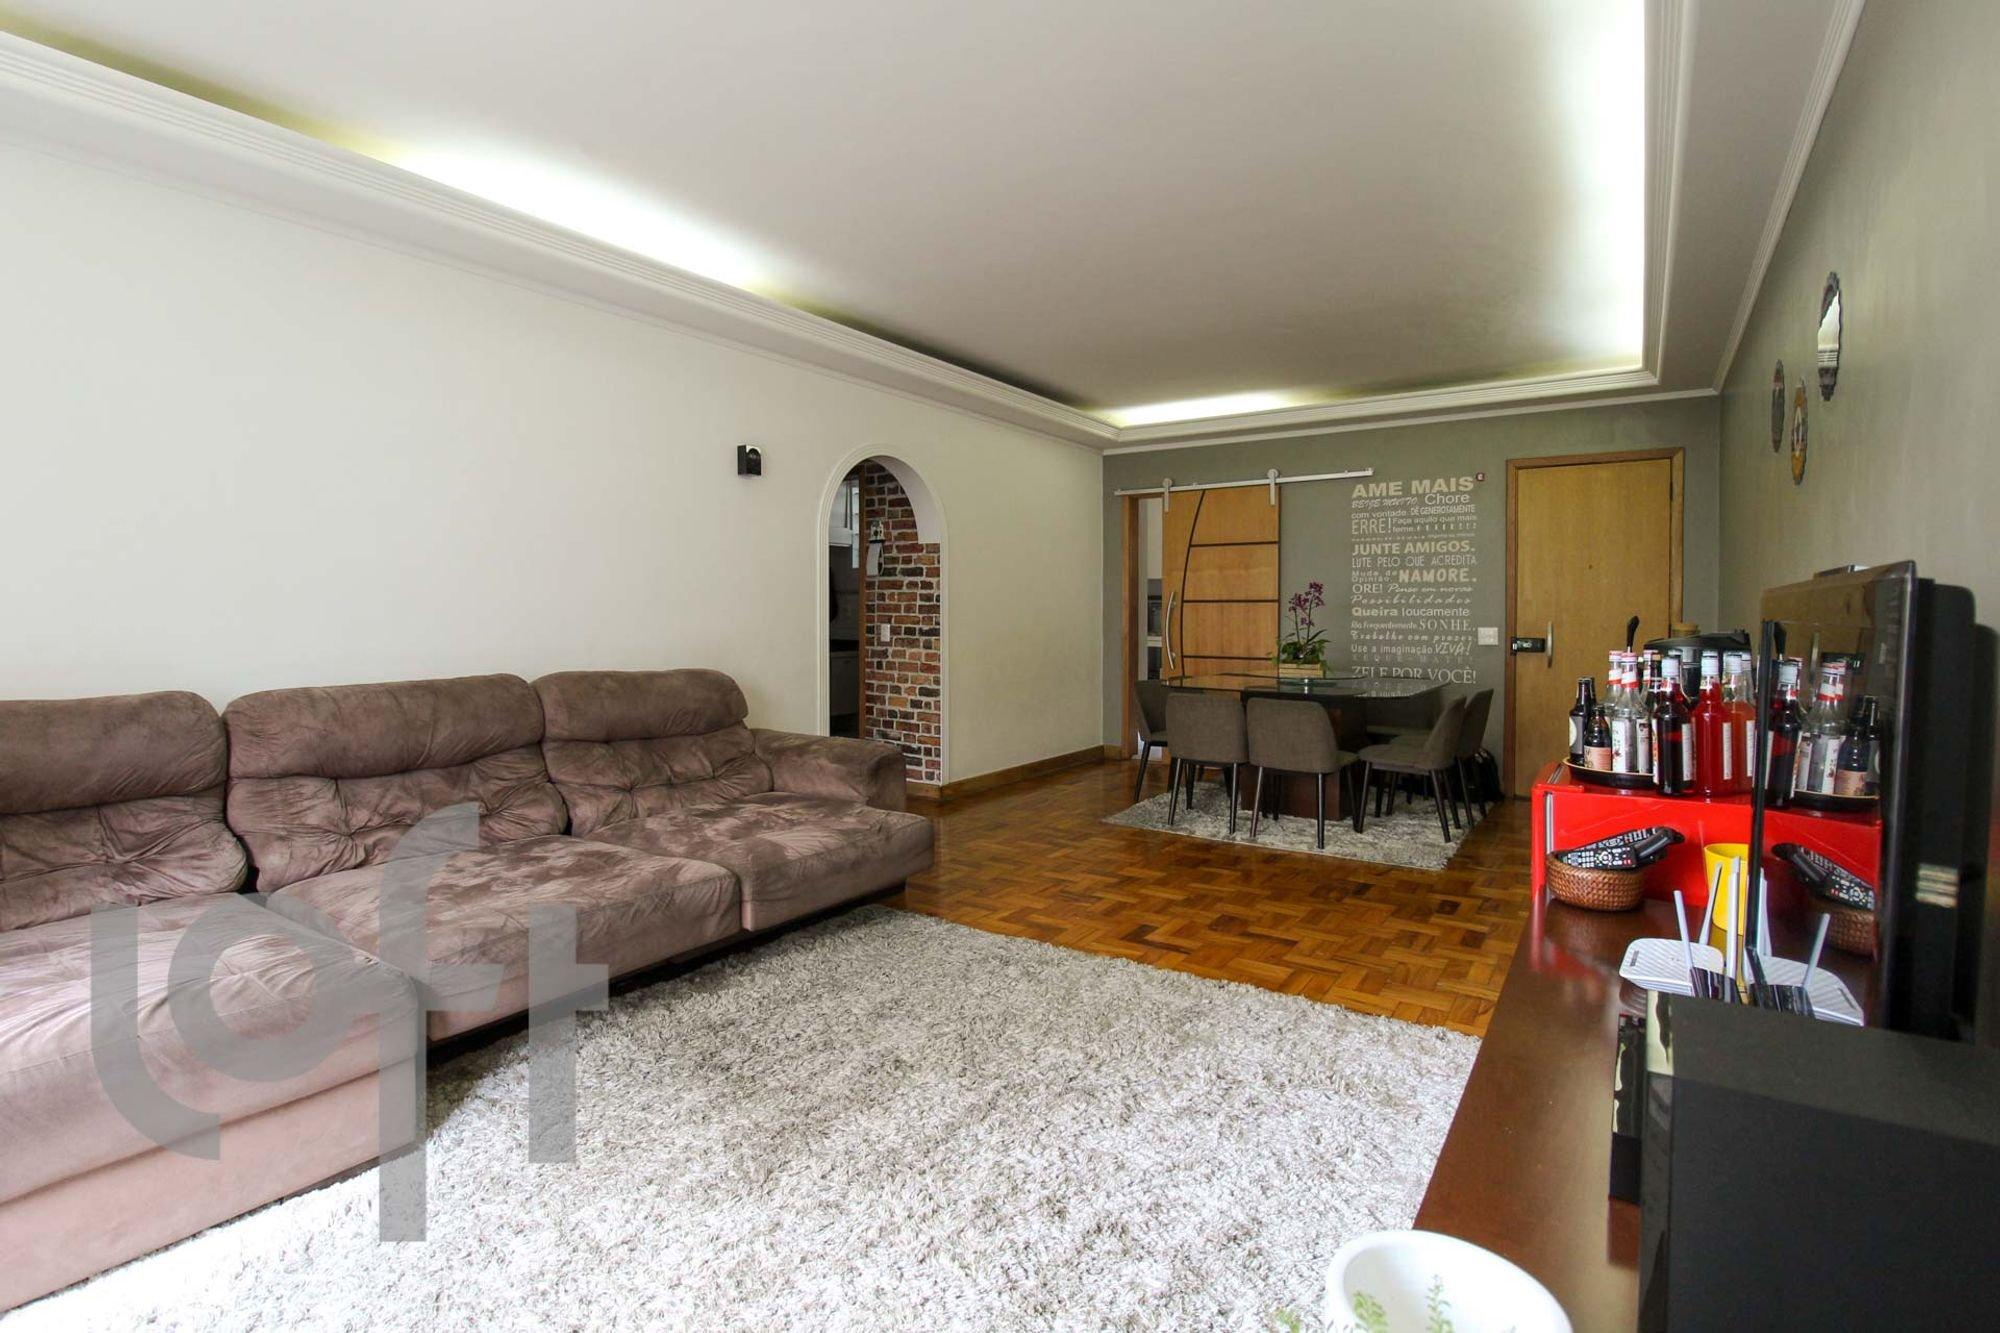 Foto de Sala com sofá, garrafa, tigela, cadeira